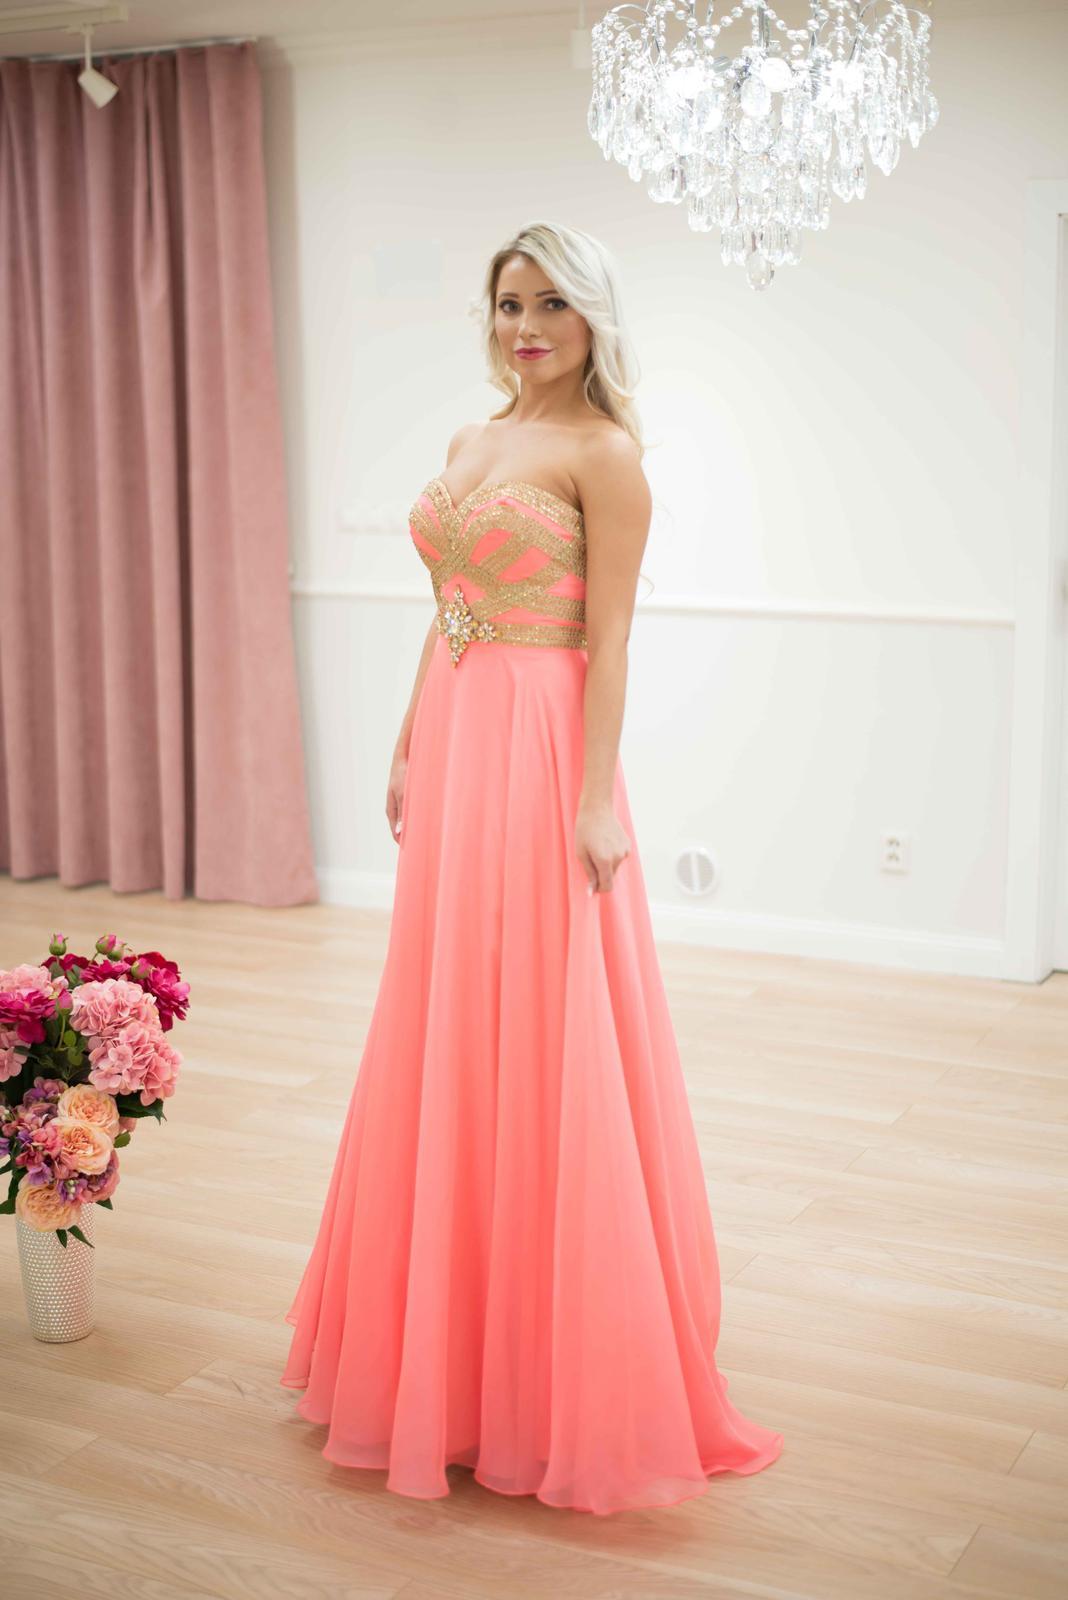 cce0a6453638 Spoločenské šaty predaj kvalitné